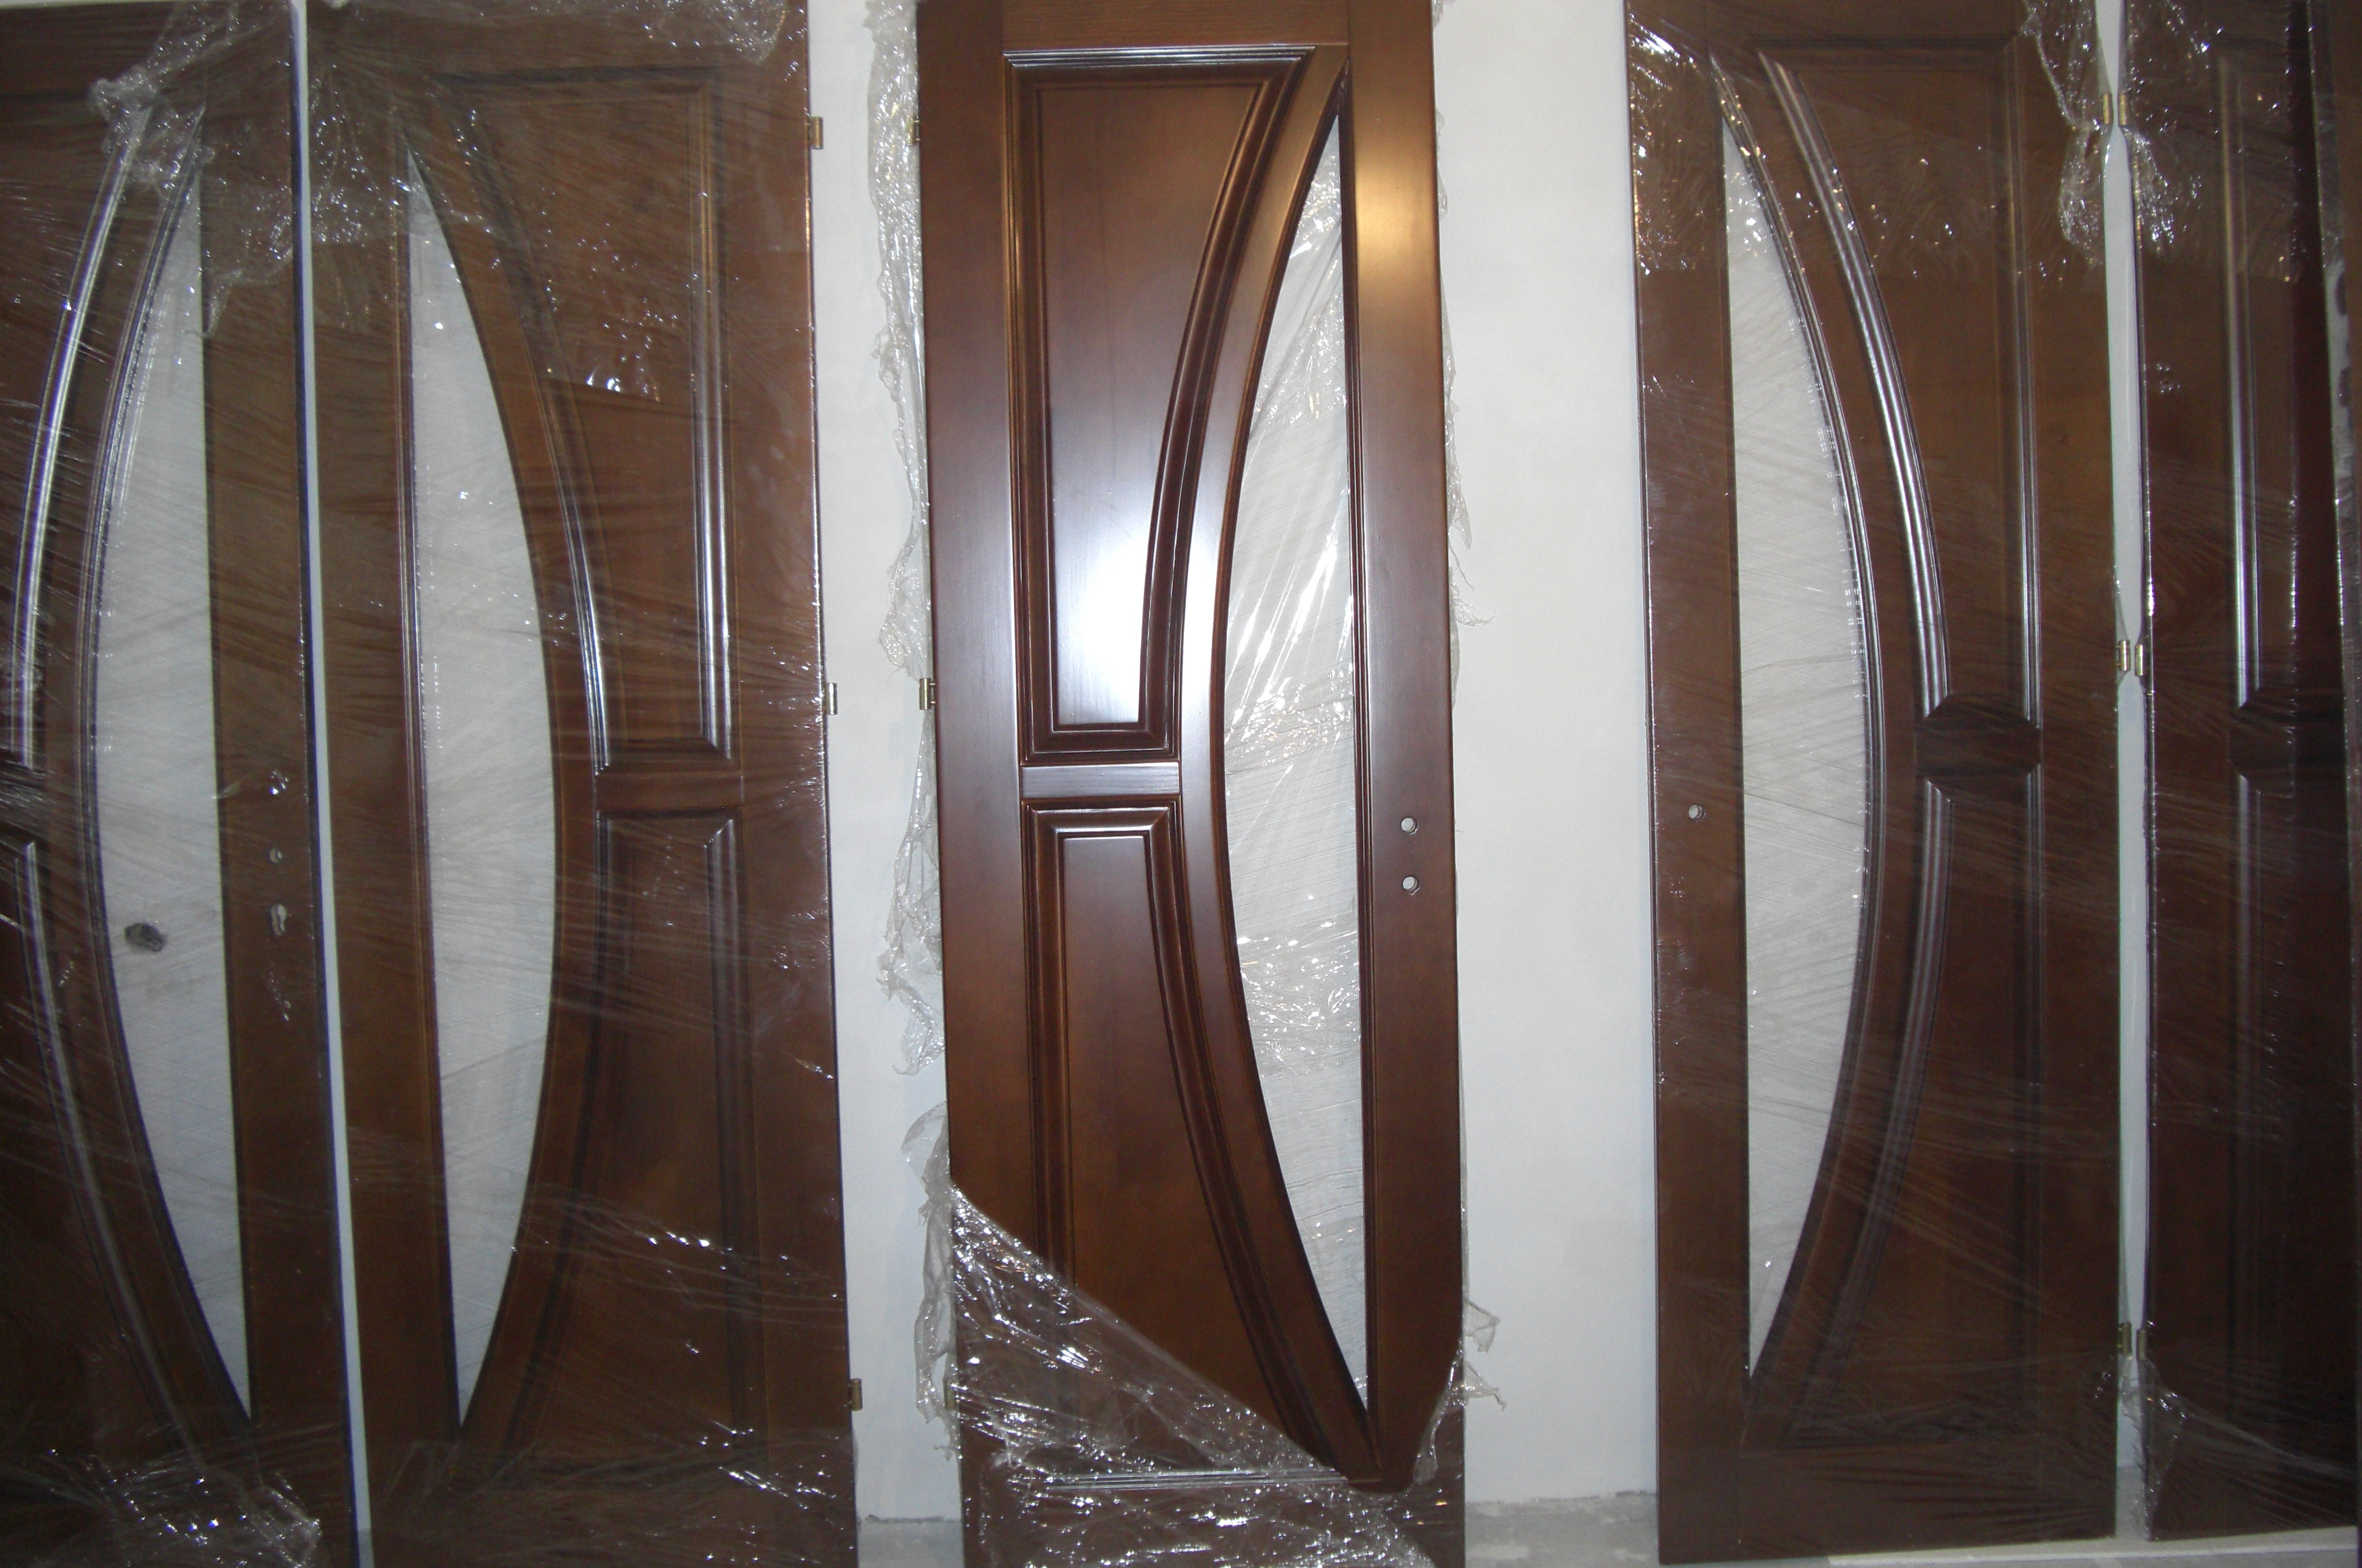 Двери сосновые изготавливаем. Карпатская сосна высшего качества.